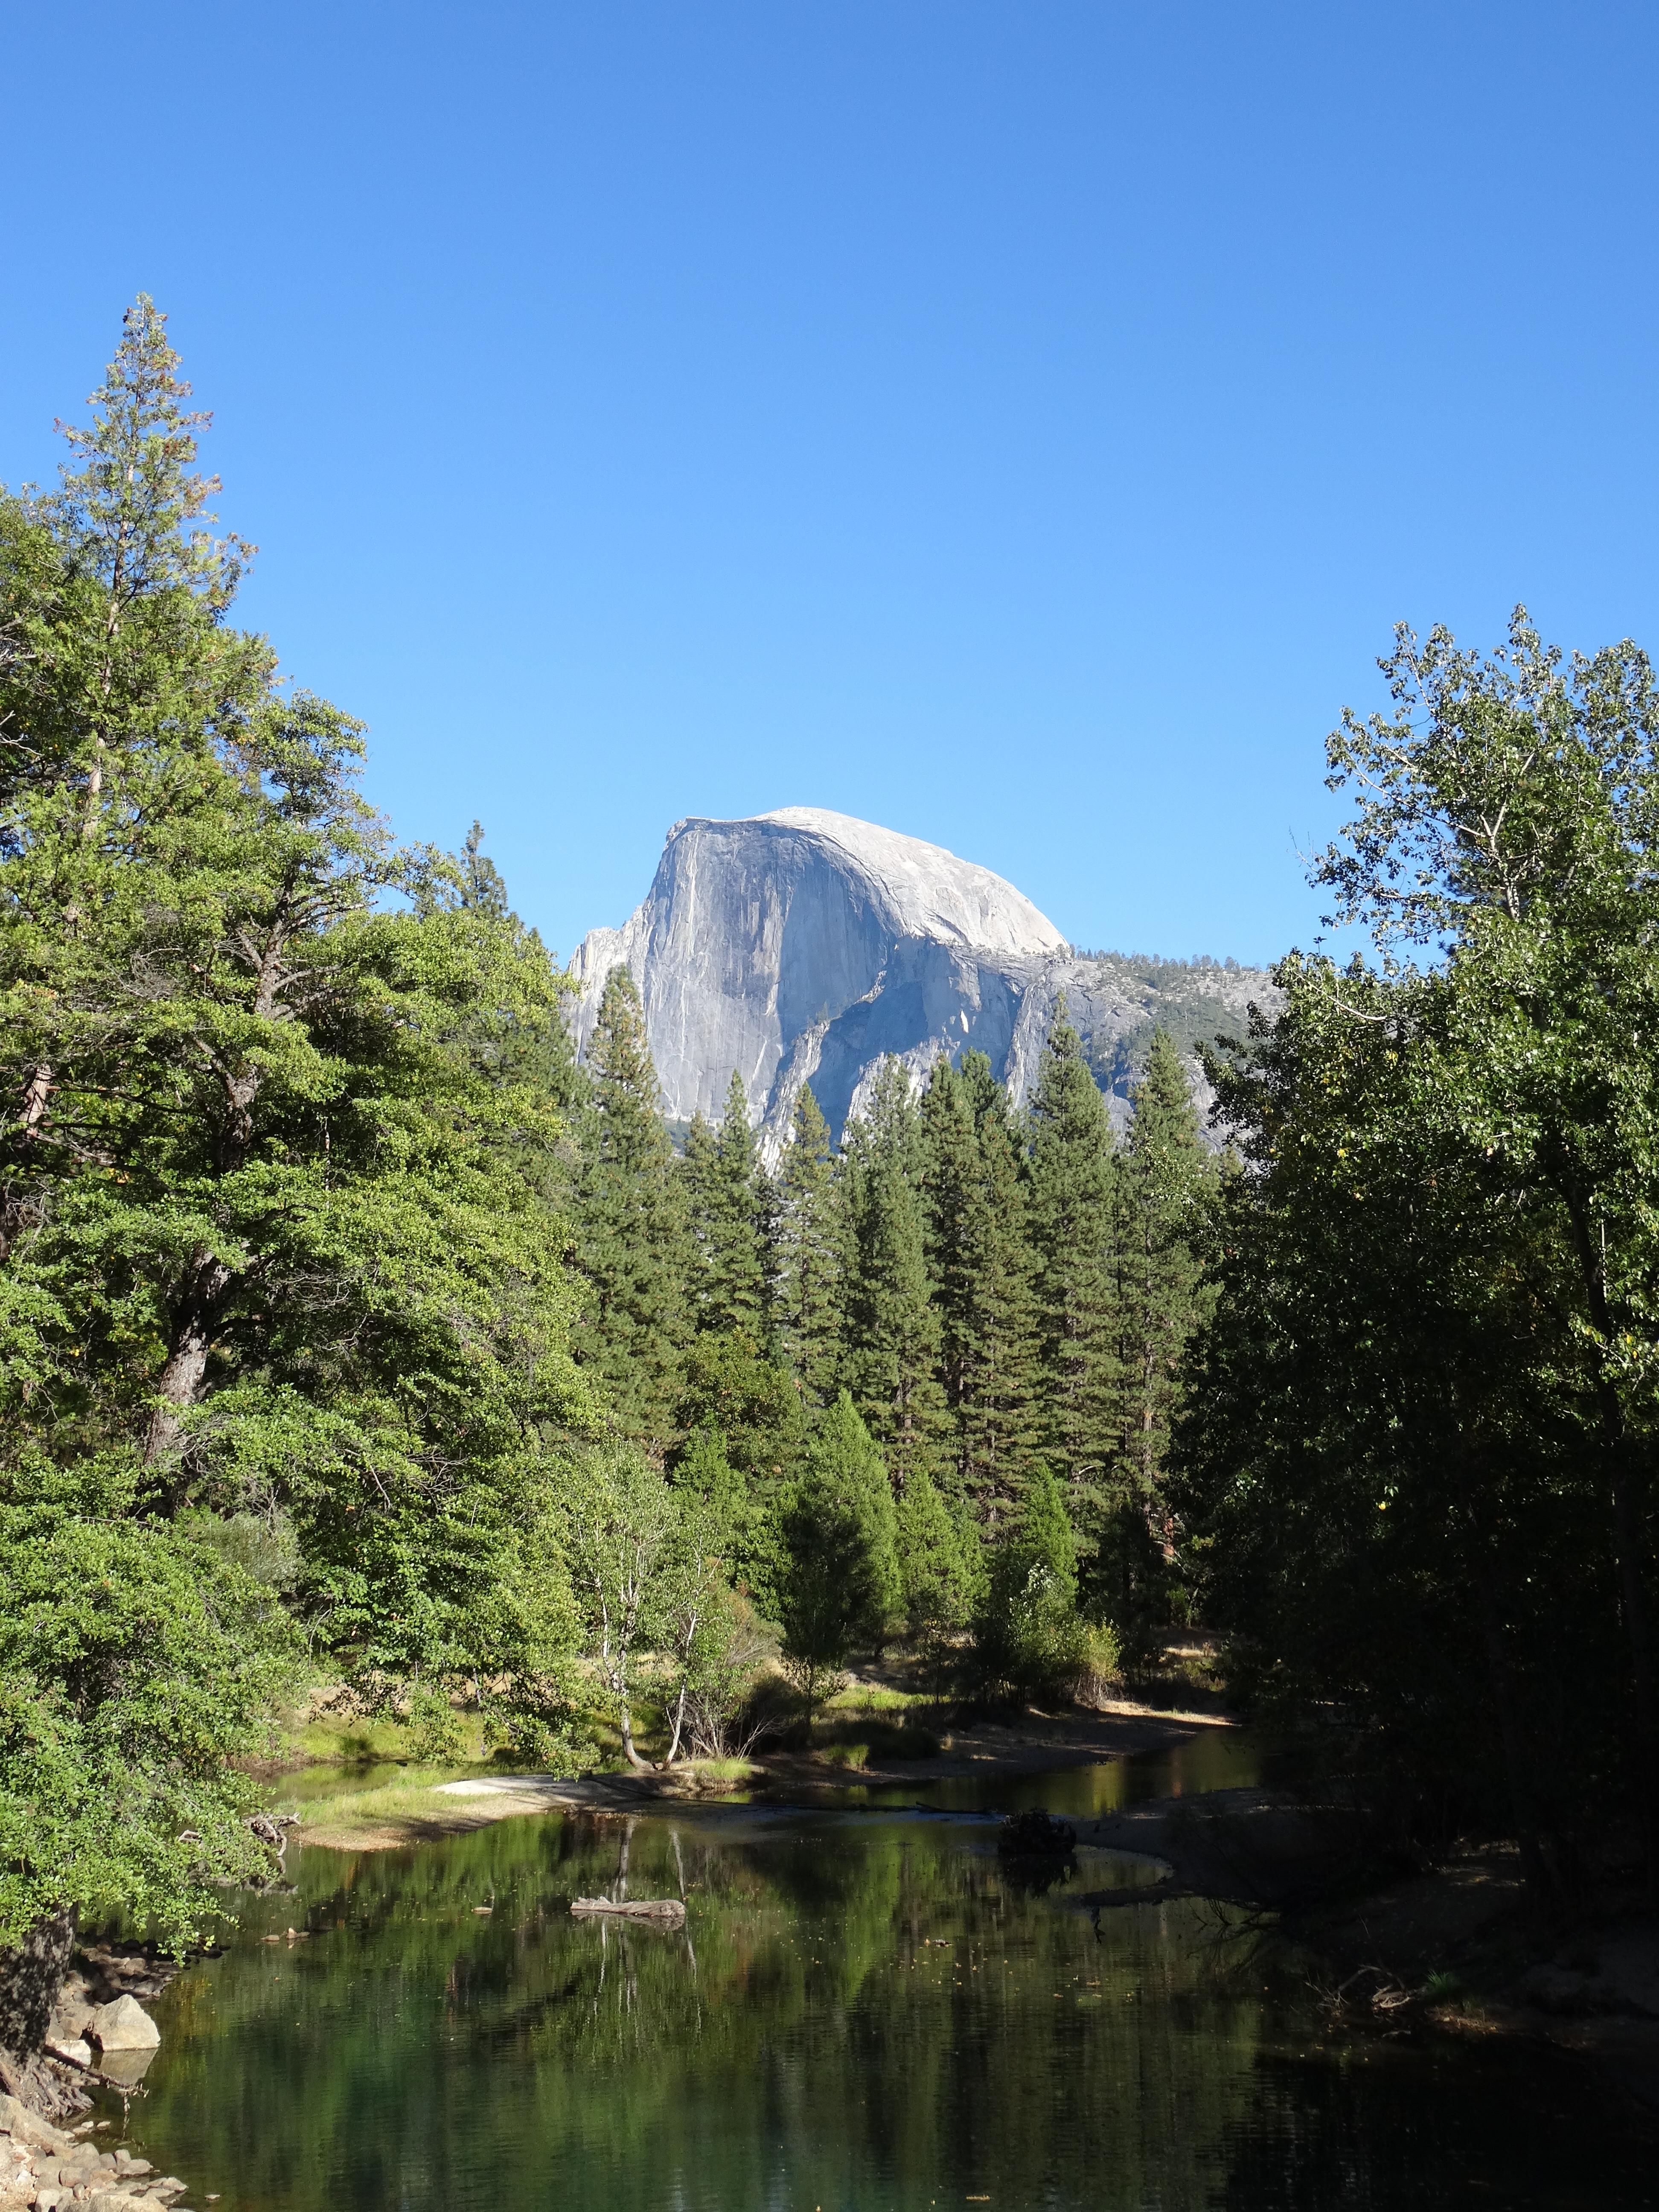 06.5 Merced River and Half Dome, Yosemite